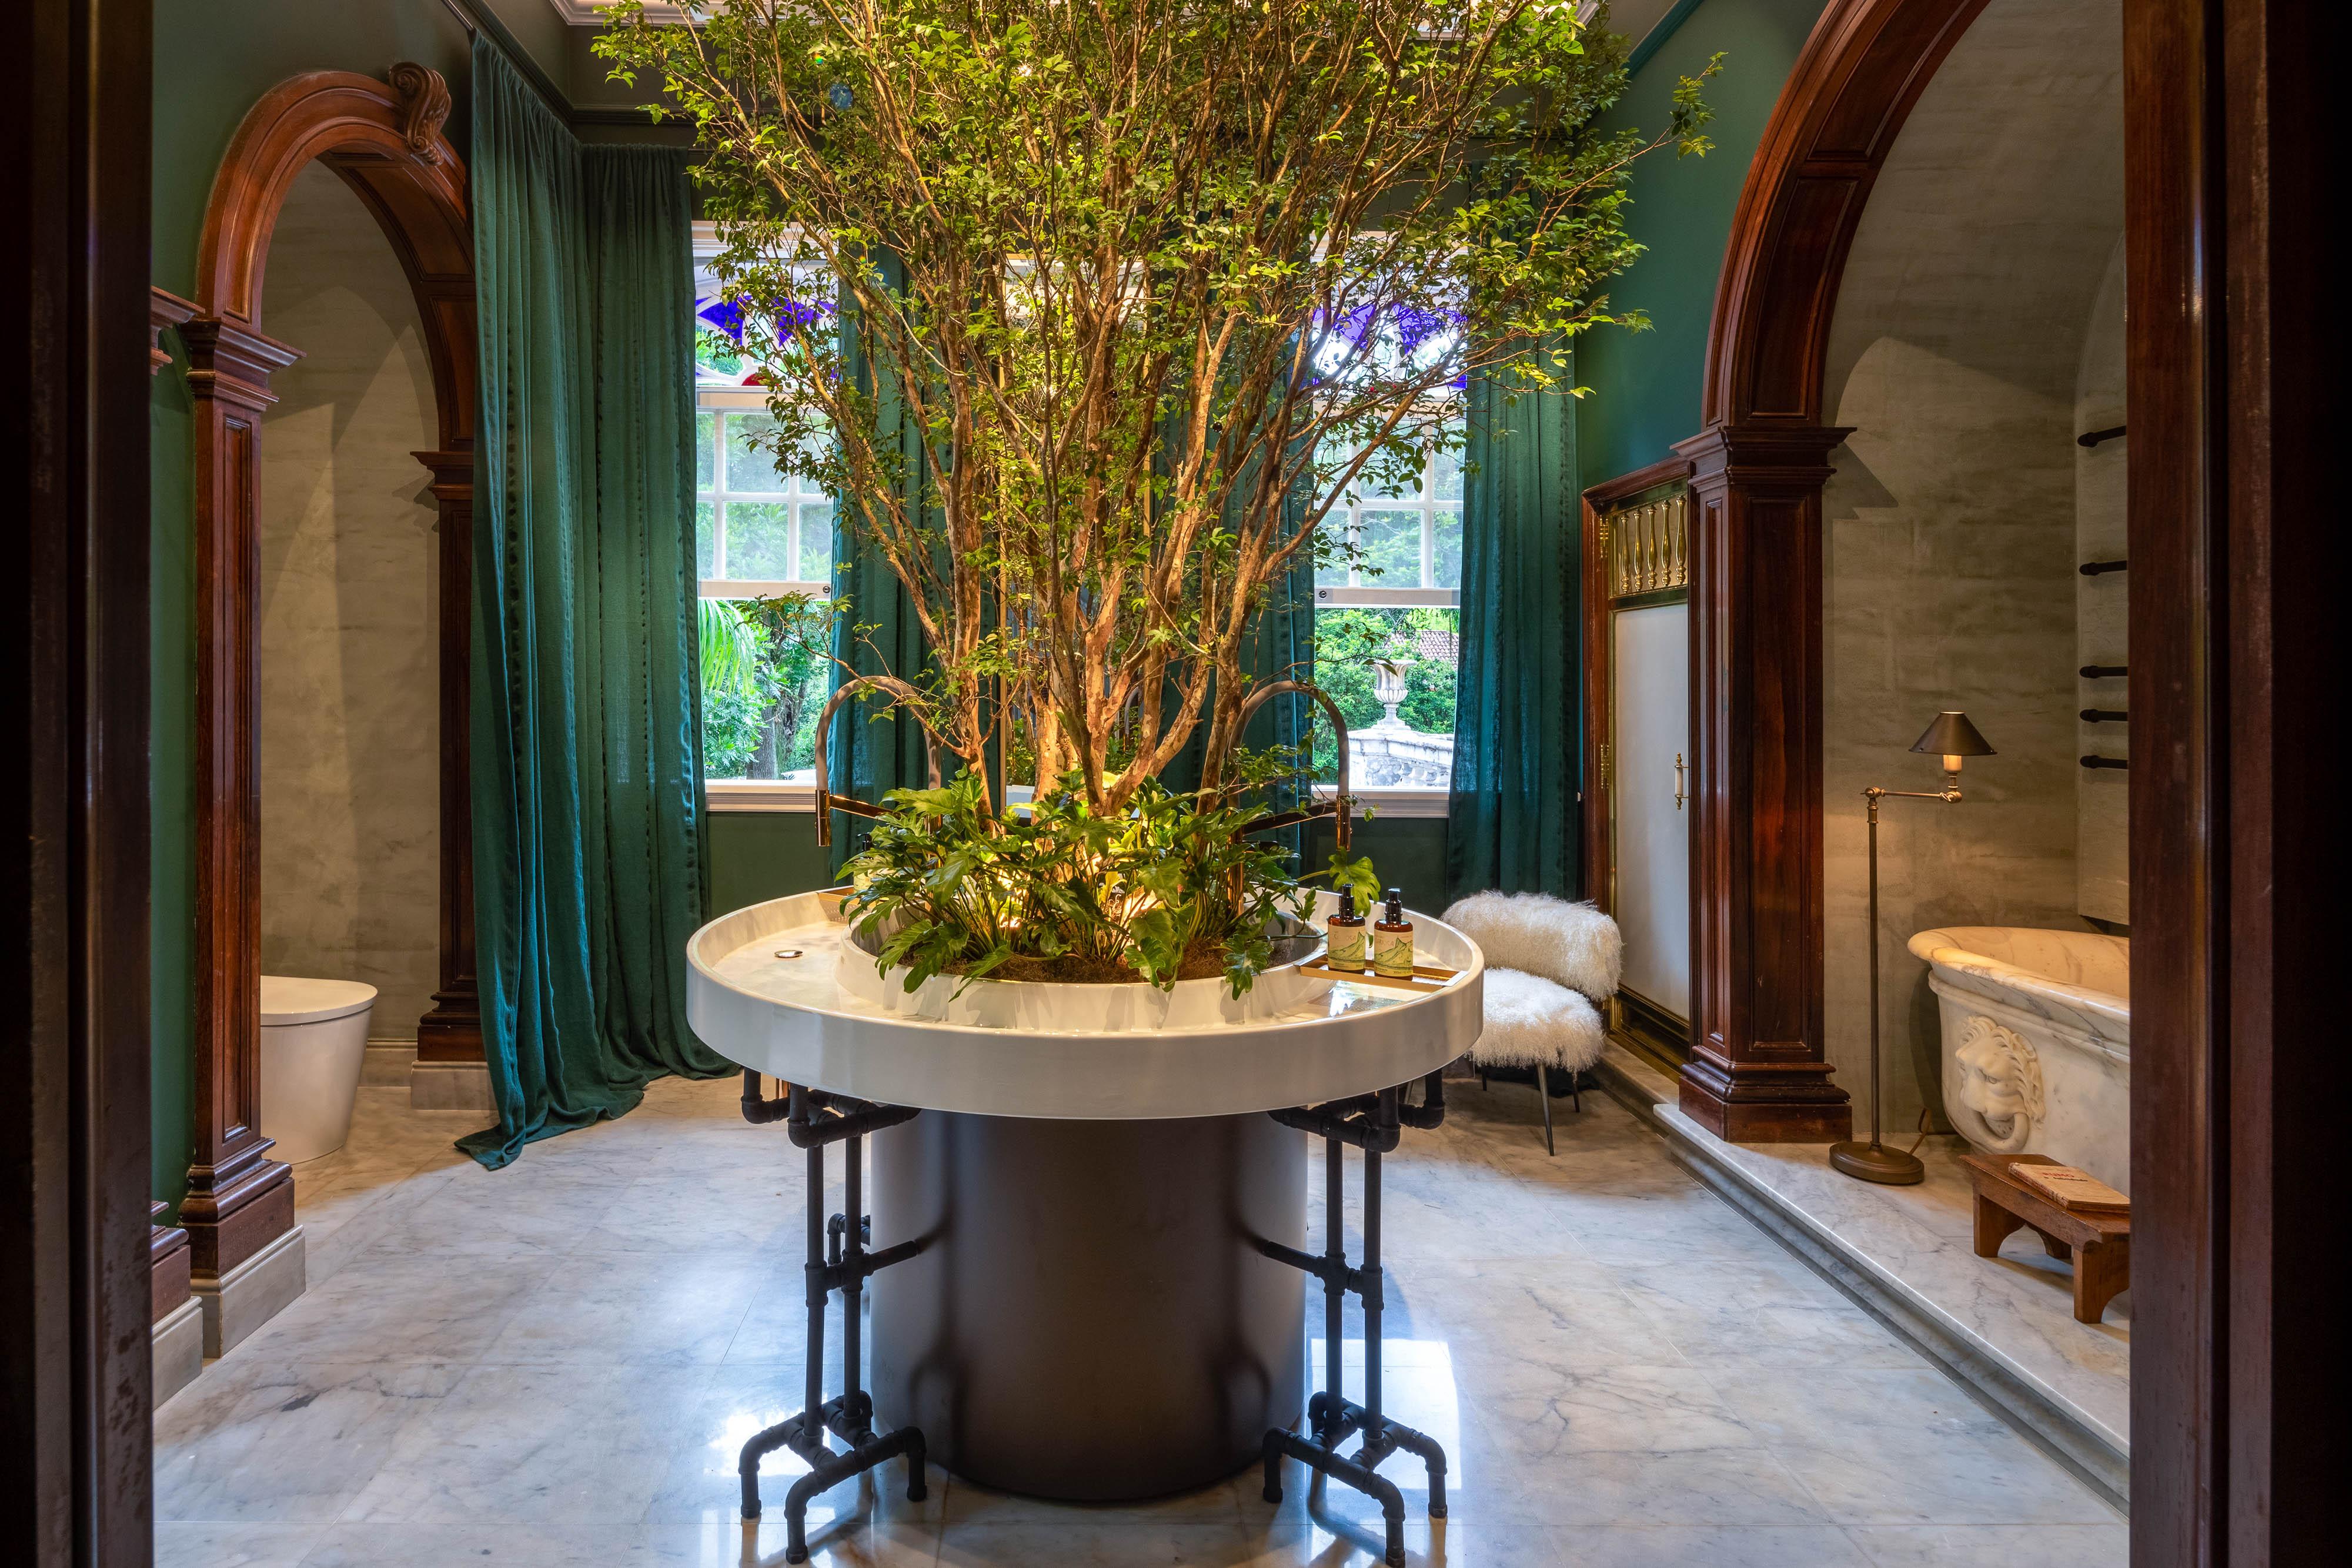 Banheiro da Casacor Rio 2021 tem mesa no centro com espécie de árvore dentro dela